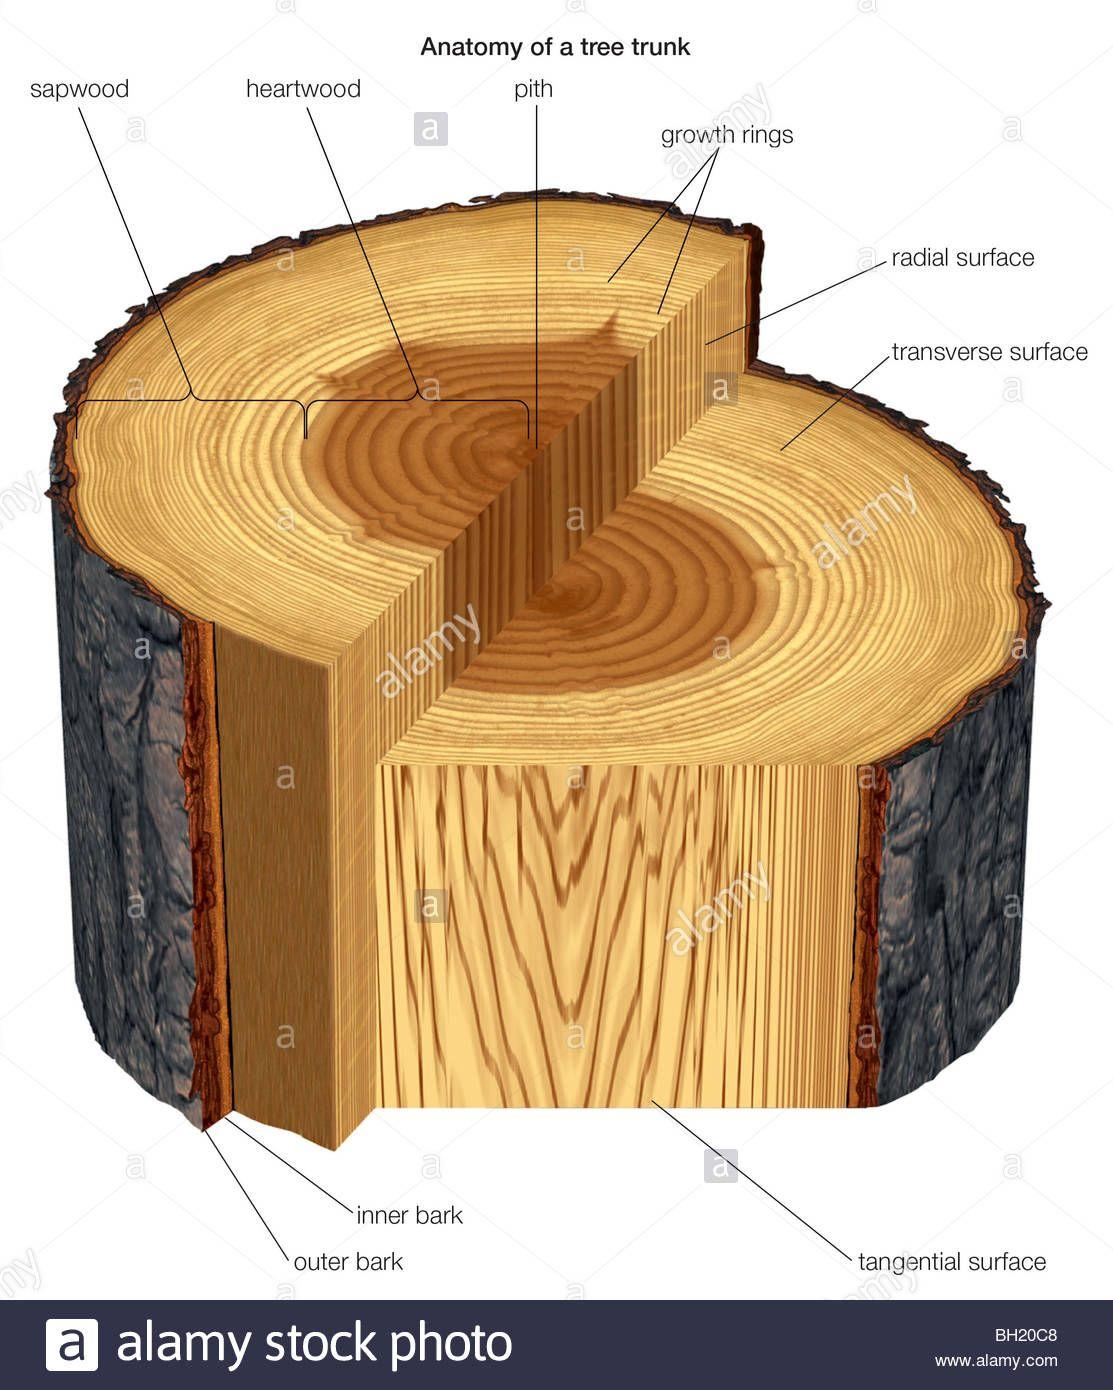 Tree trunk sectional anatomy - www.anatomynote.com | Anatomy note ...